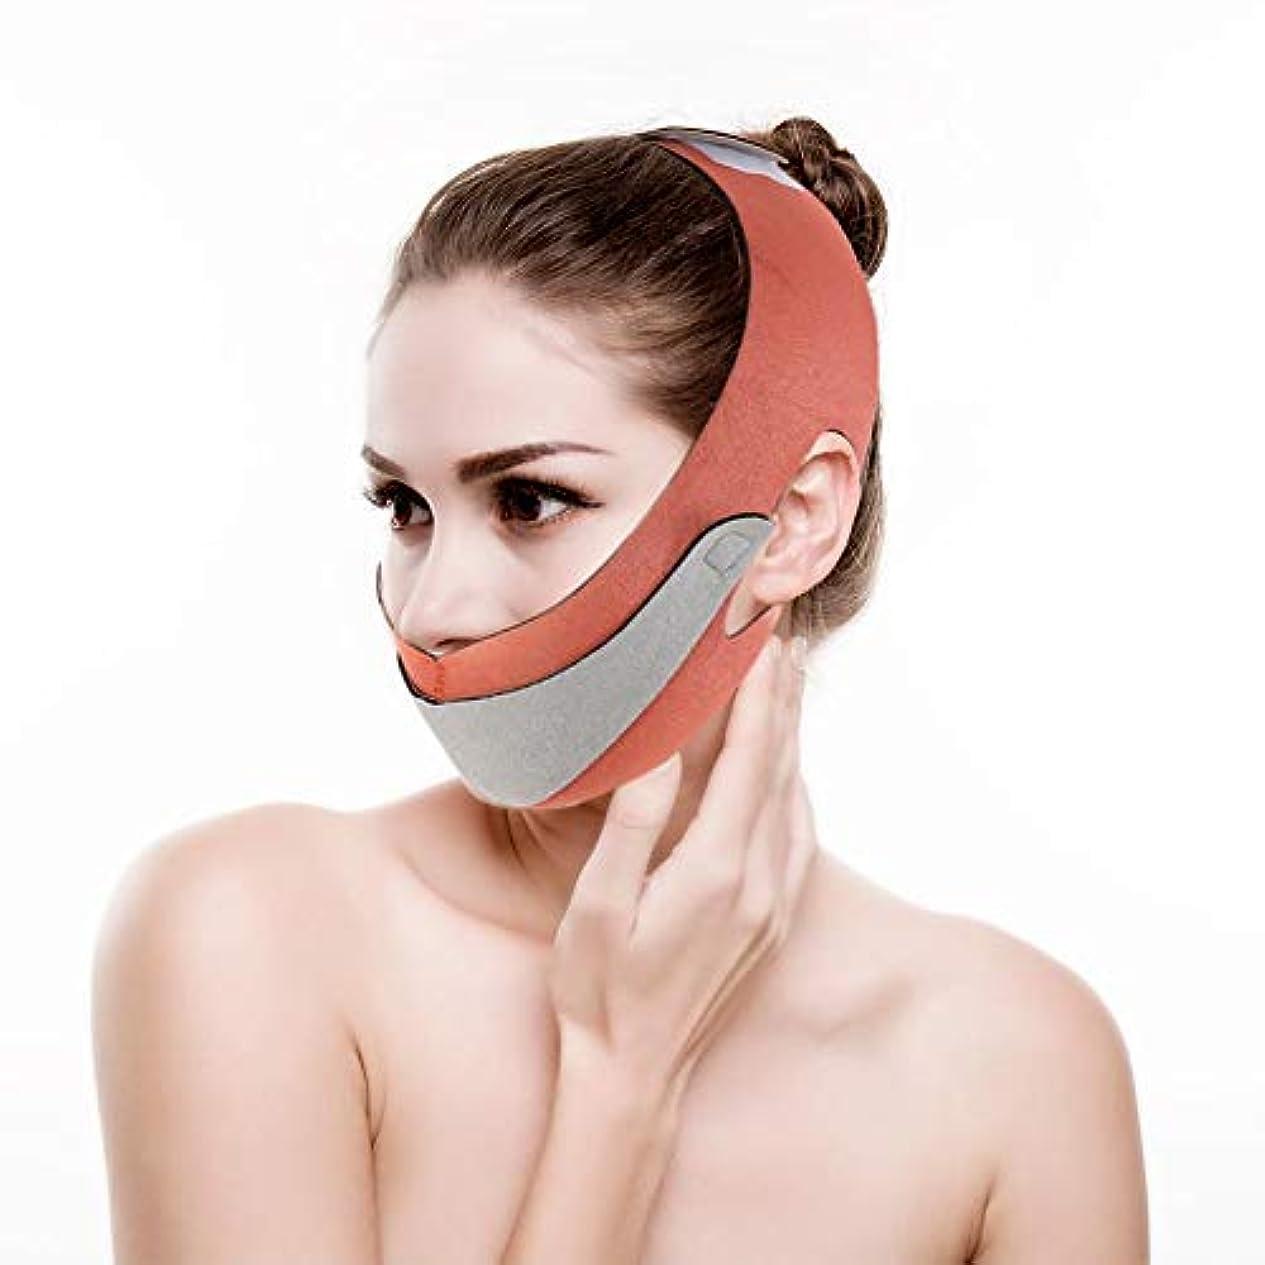 枕発症復讐フェイシャルスリミングマスク プロテクターカバレッジリフティング フェイス減量 ベルト減量 ダブルチェーン スキンケア(2)